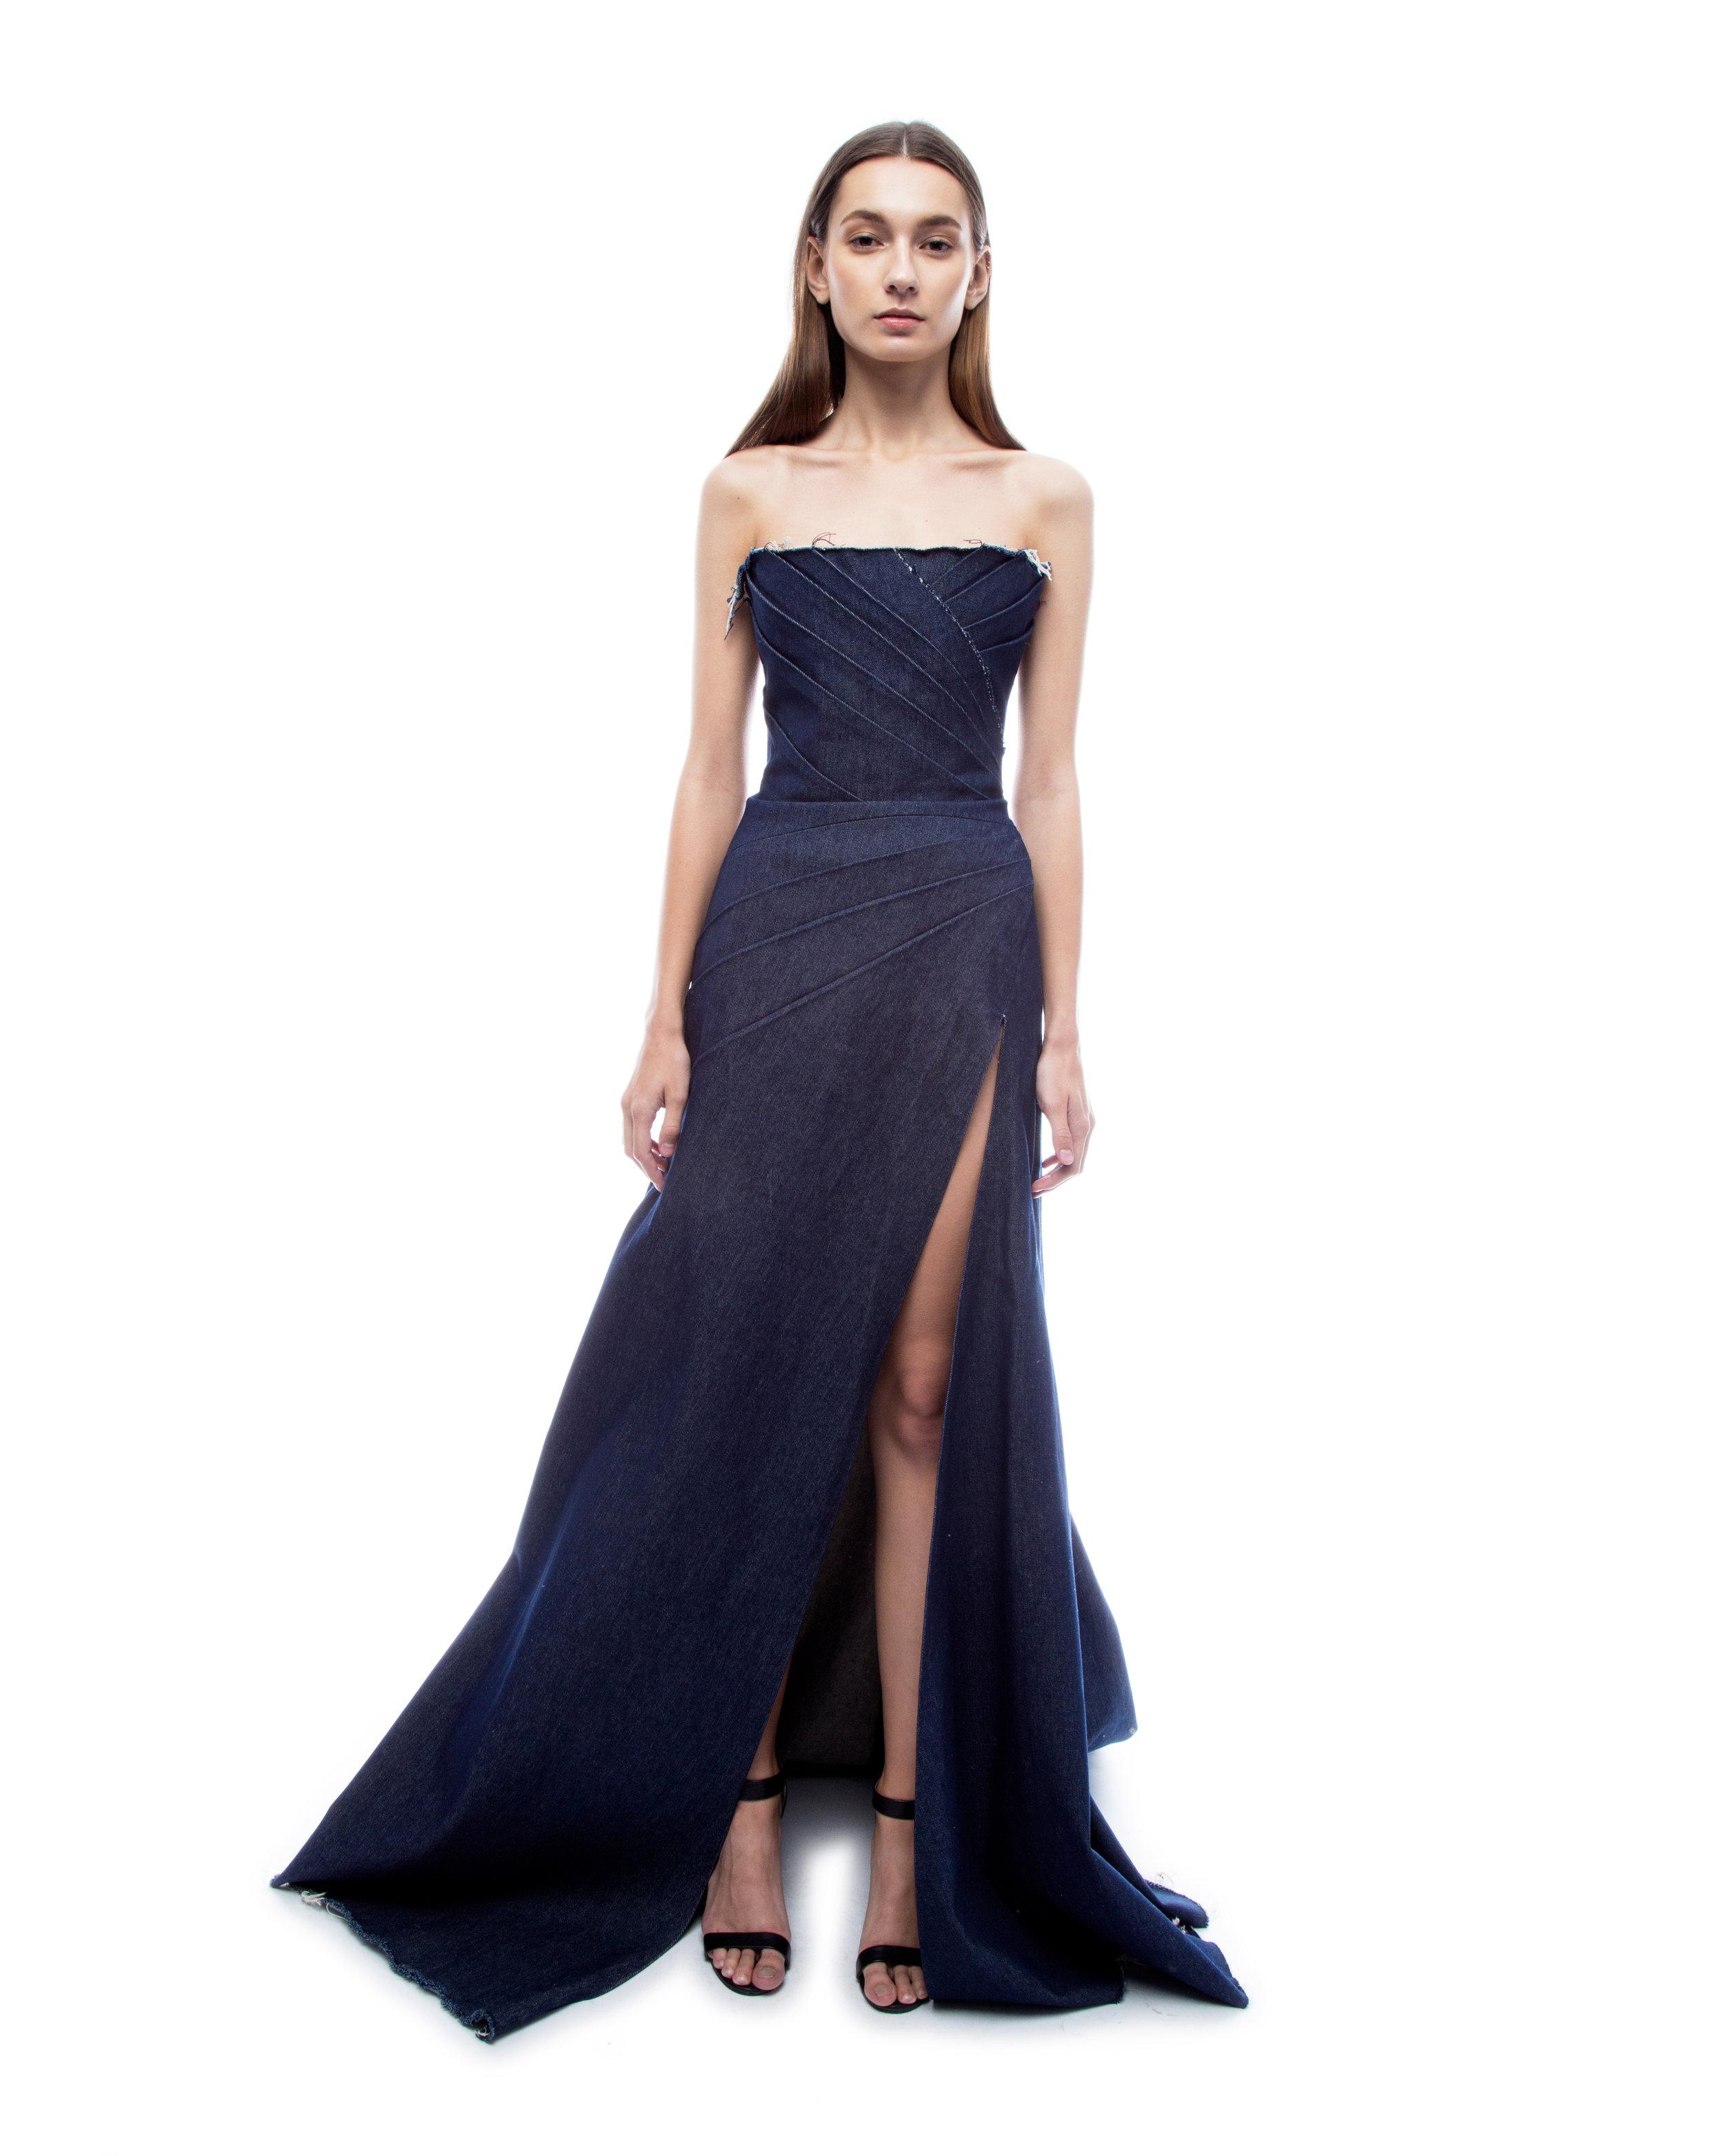 01-olya-kosterina-denim-gown-slit.jpg